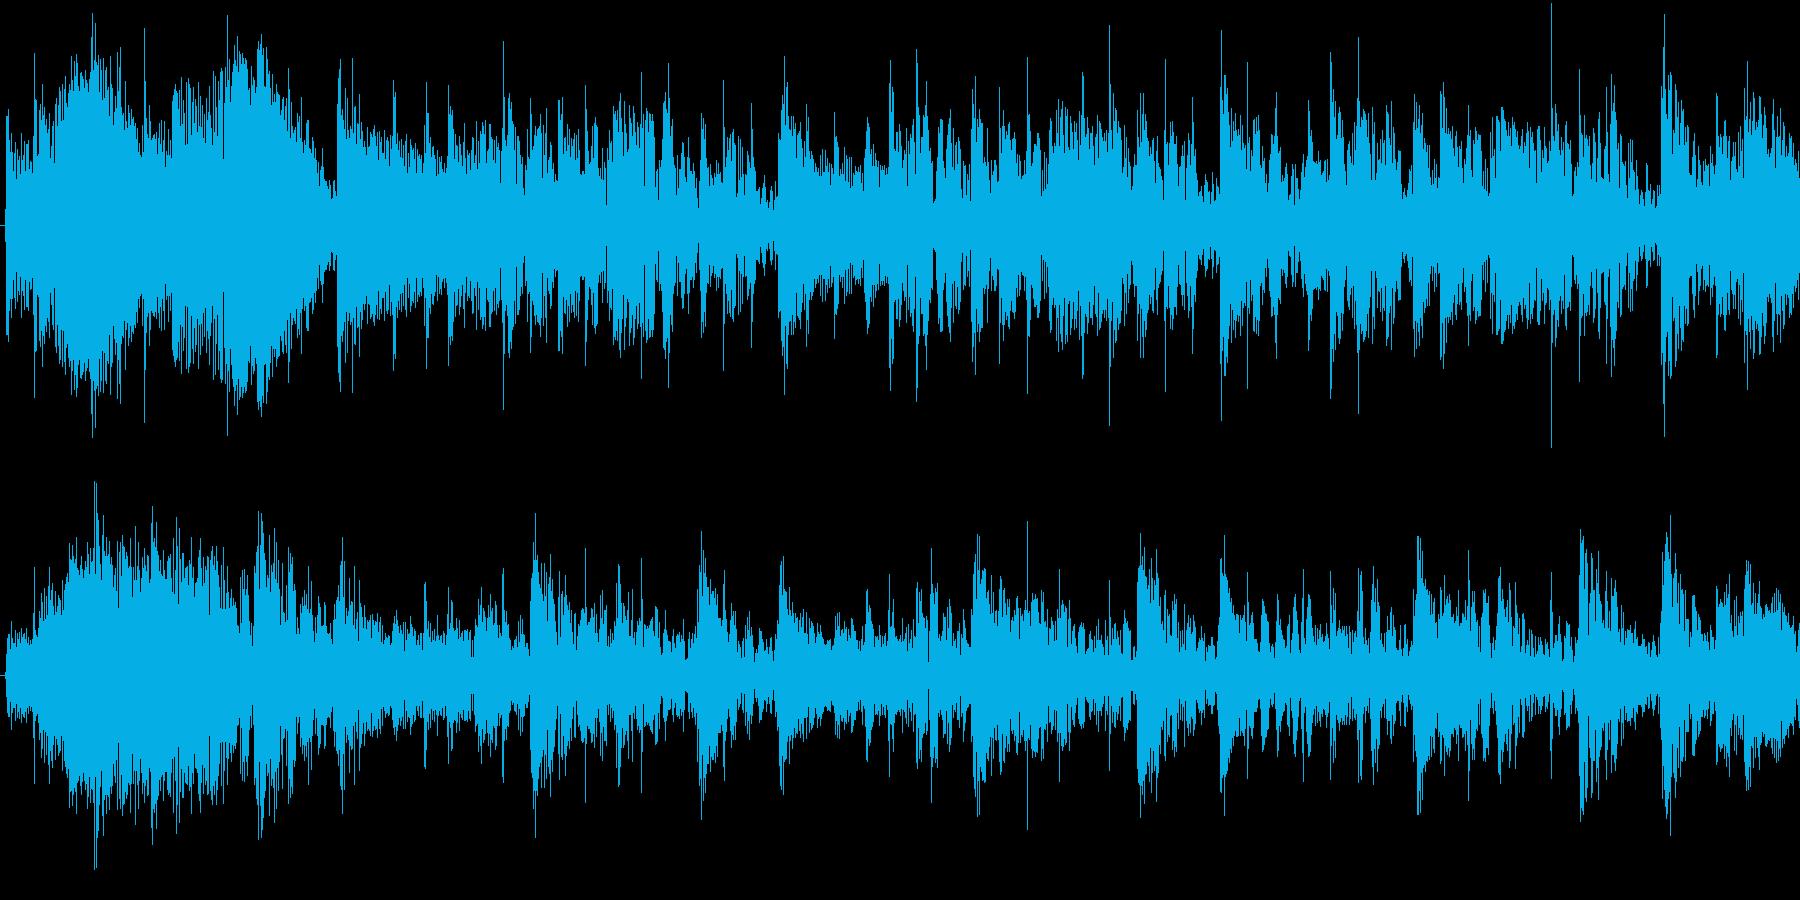 パーカッションが特徴的なループテクノの再生済みの波形